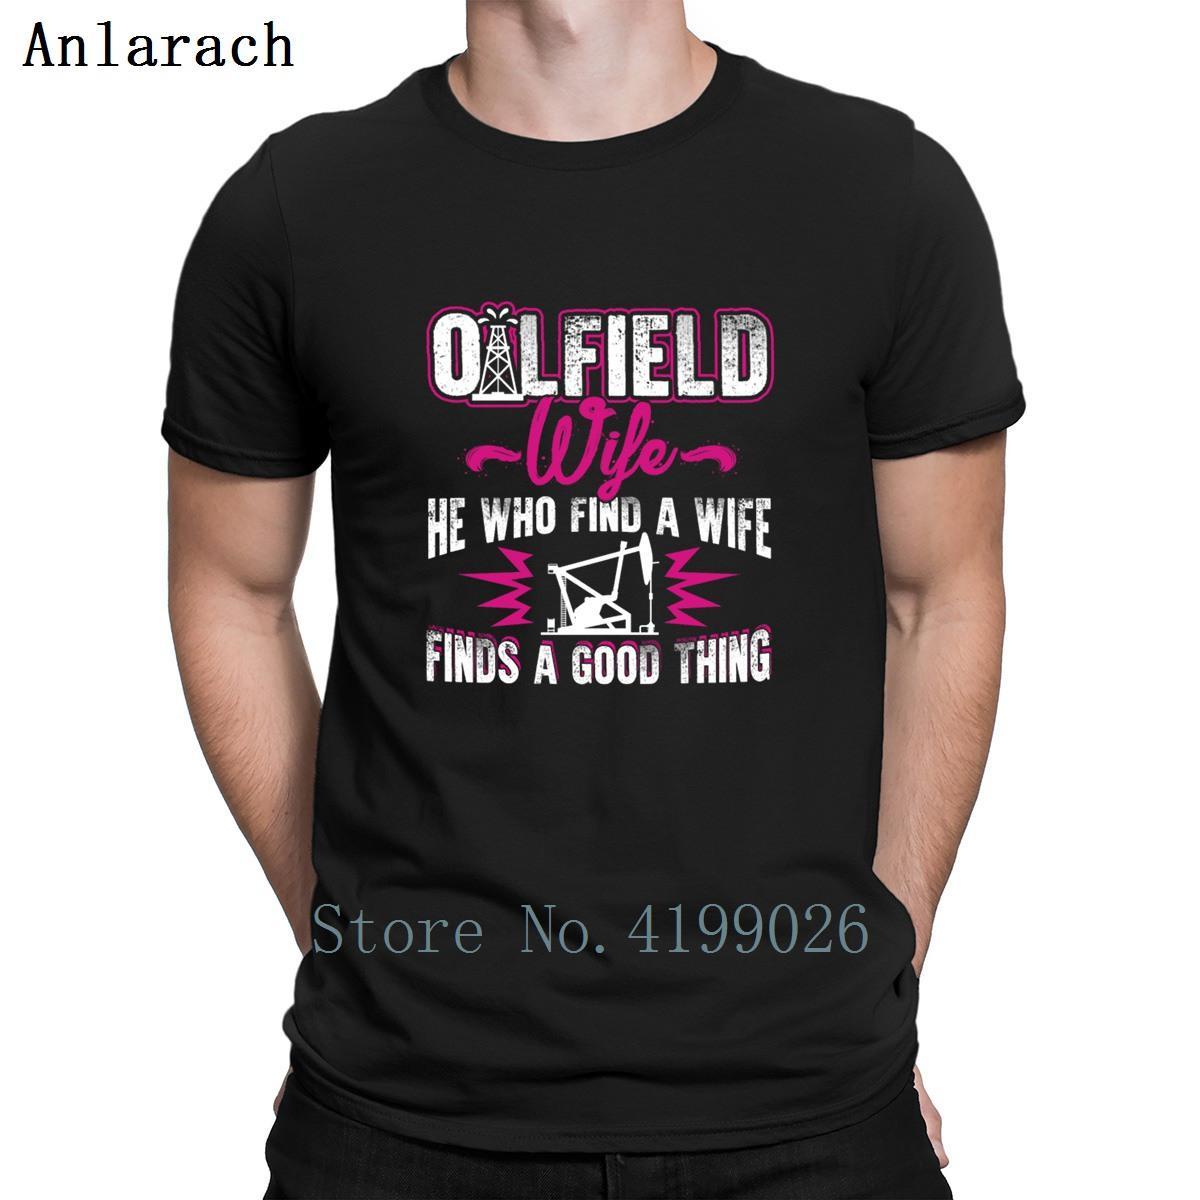 dos homens do desenhista Oilfield esposa T-shirts Top Tee Famoso tendência camiseta de algodão a nova primavera roupas Anlarach